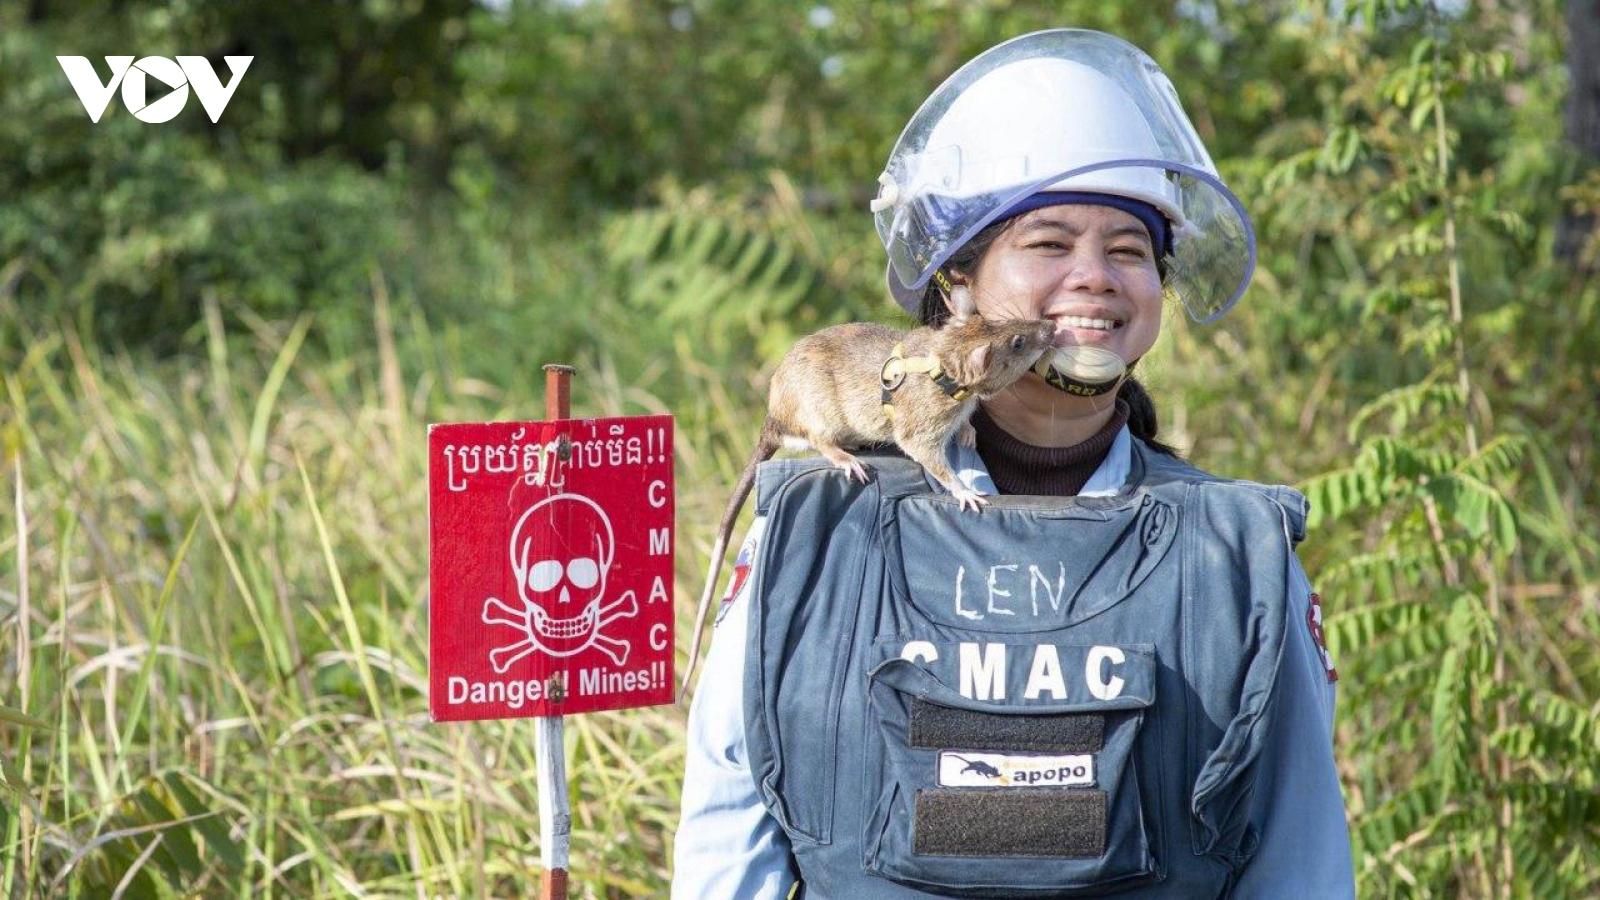 Chú chuột được trao huy chương vàng vì thành tích dò mìn tại Campuchia